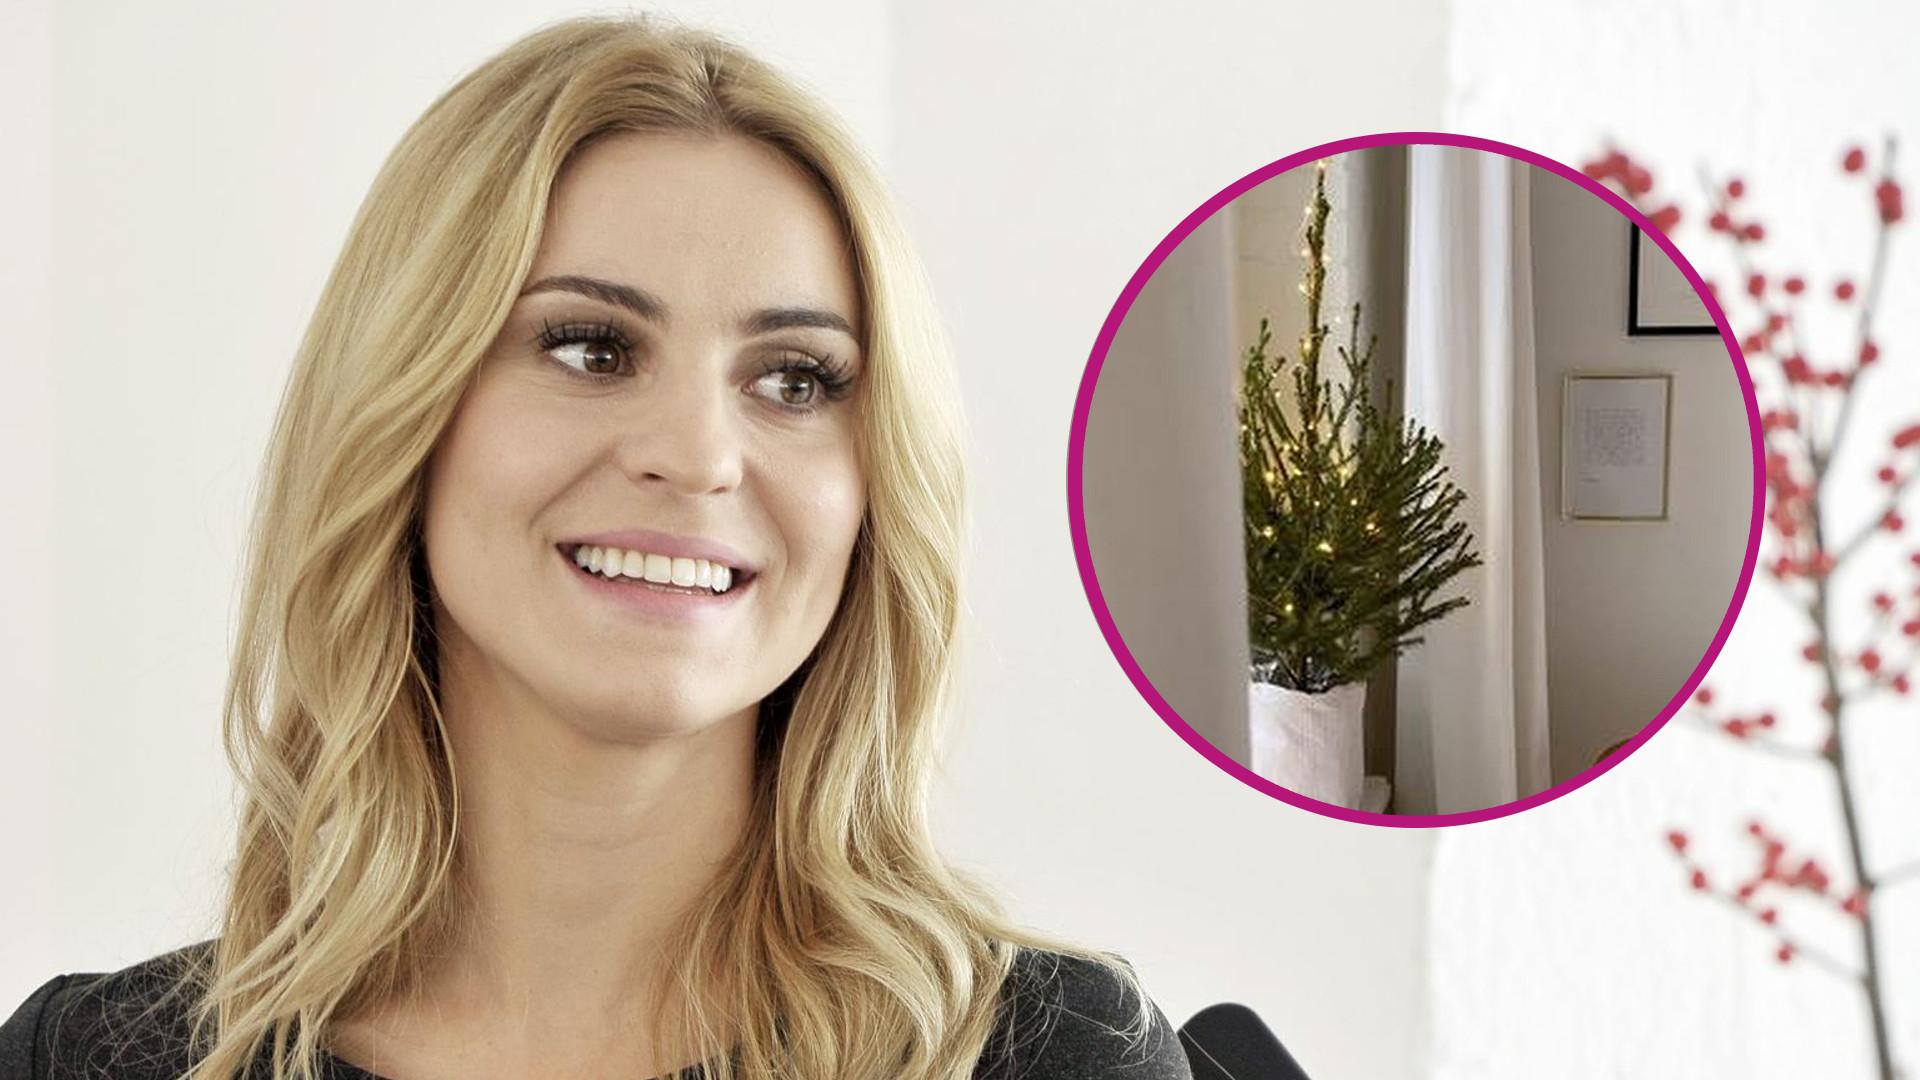 Internautki zachwycone świątecznymi dekoracjami w domu Kasi Tusk: Lubię MAGIĘ, którą tworzysz